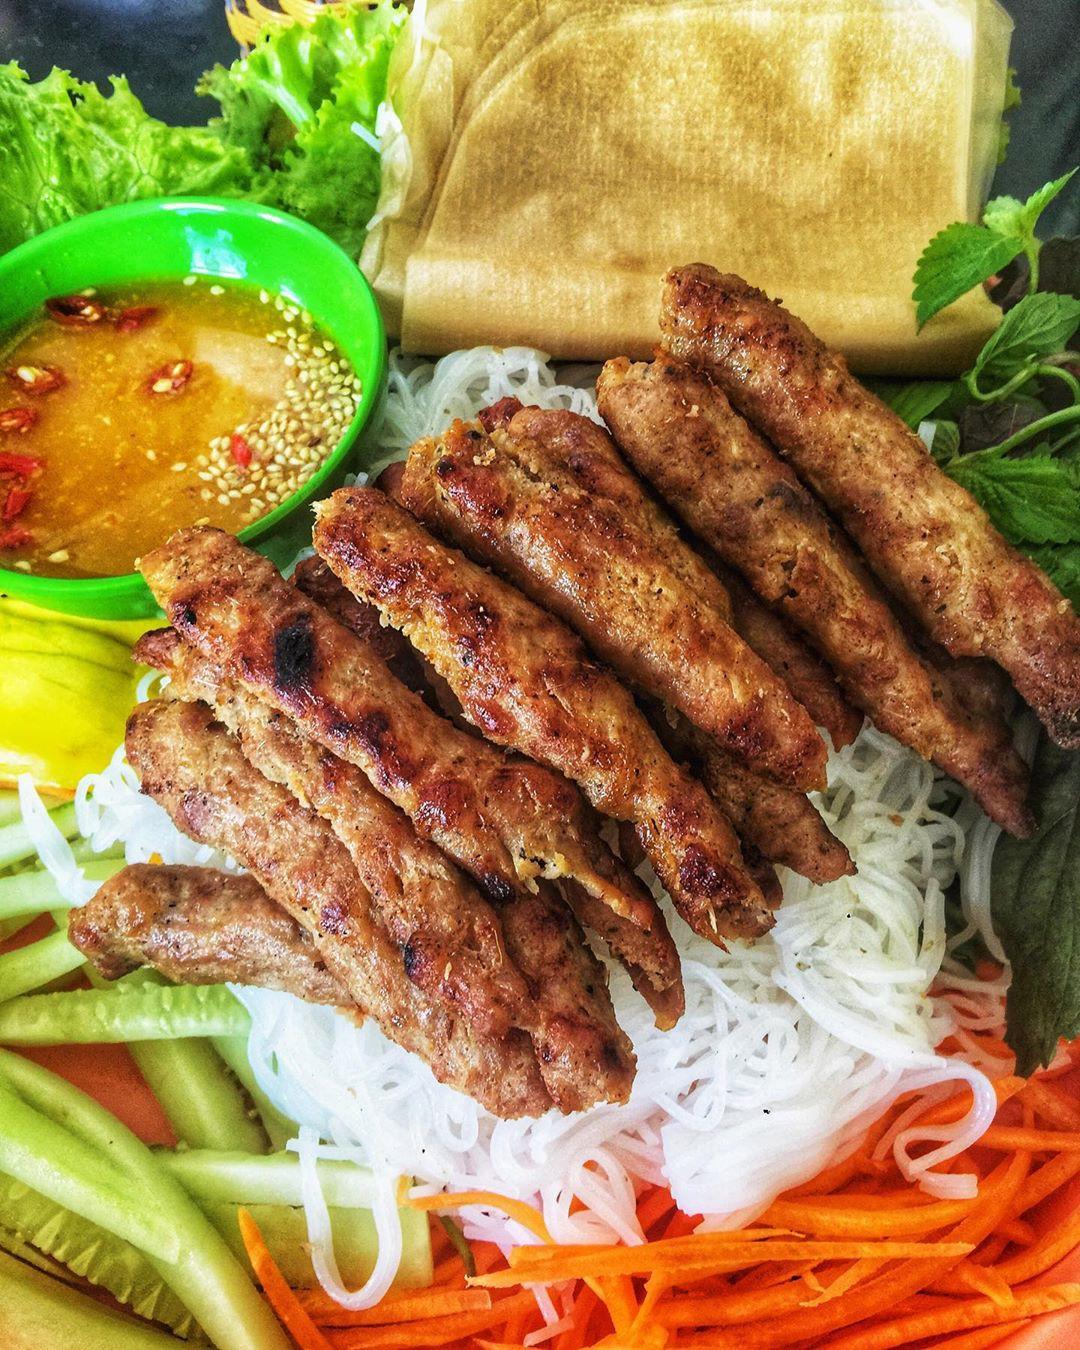 Lễ 2/9 ngại đi chơi xa, đến ngay những quán ăn ngon và thưởng thức món ăn vặt nổi tiếng xứ Huế  - Ảnh 4.